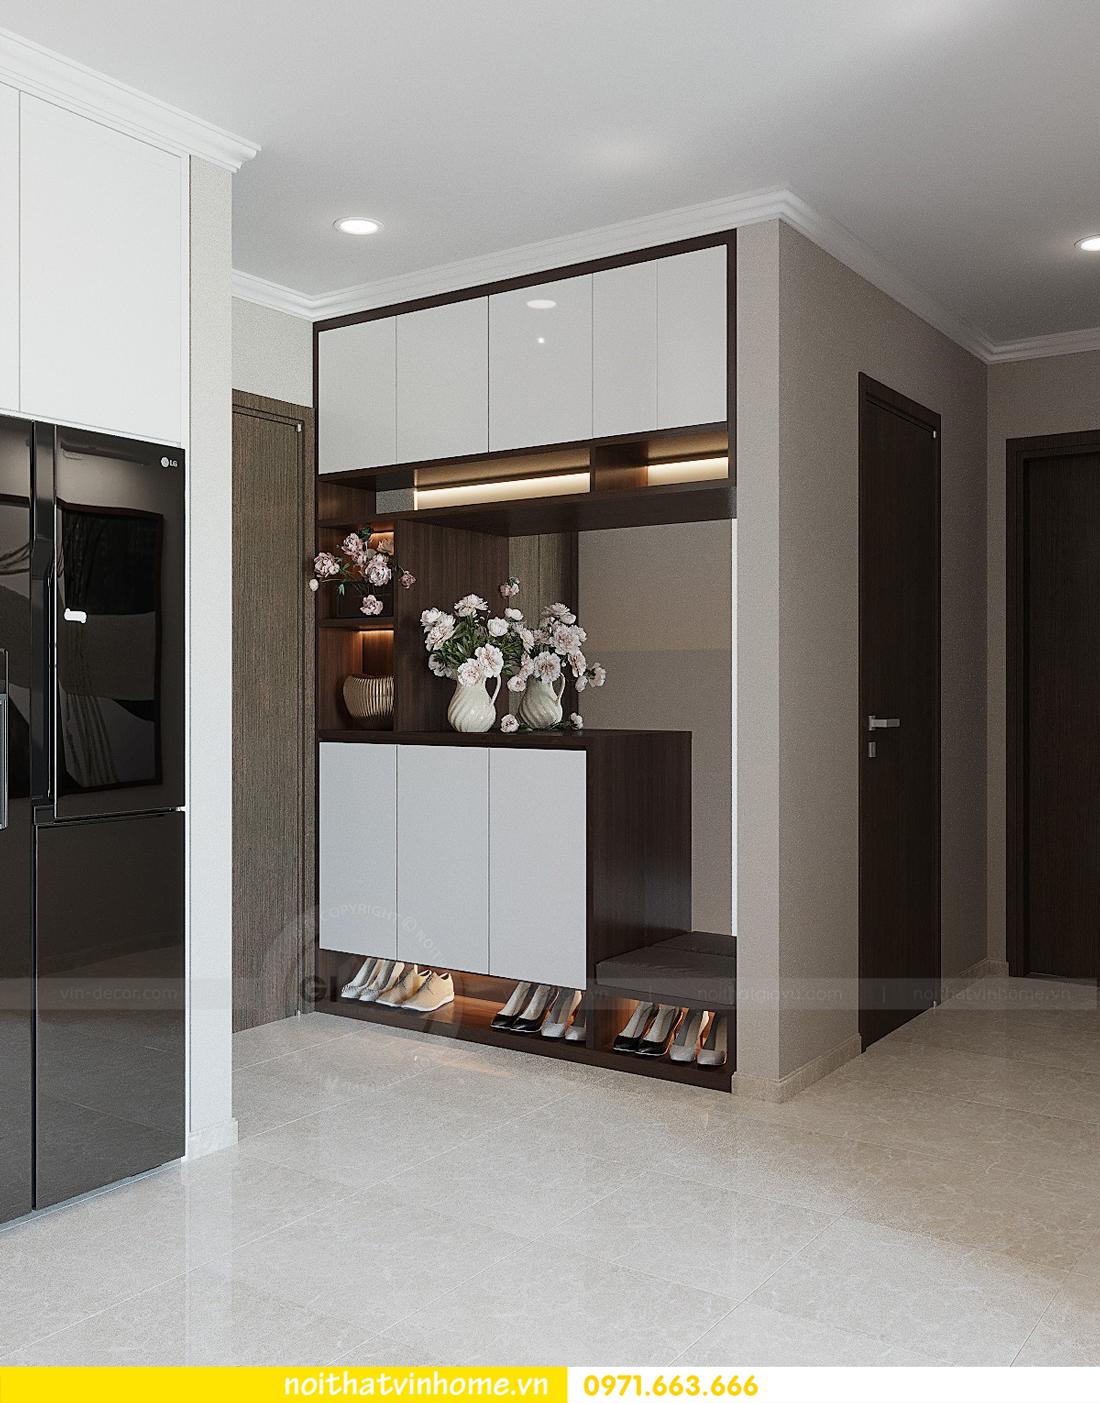 thiết kế hoàn thiện nội thất chung cư D Capitale căn 01 tòa C1 nhà anh Nam 01